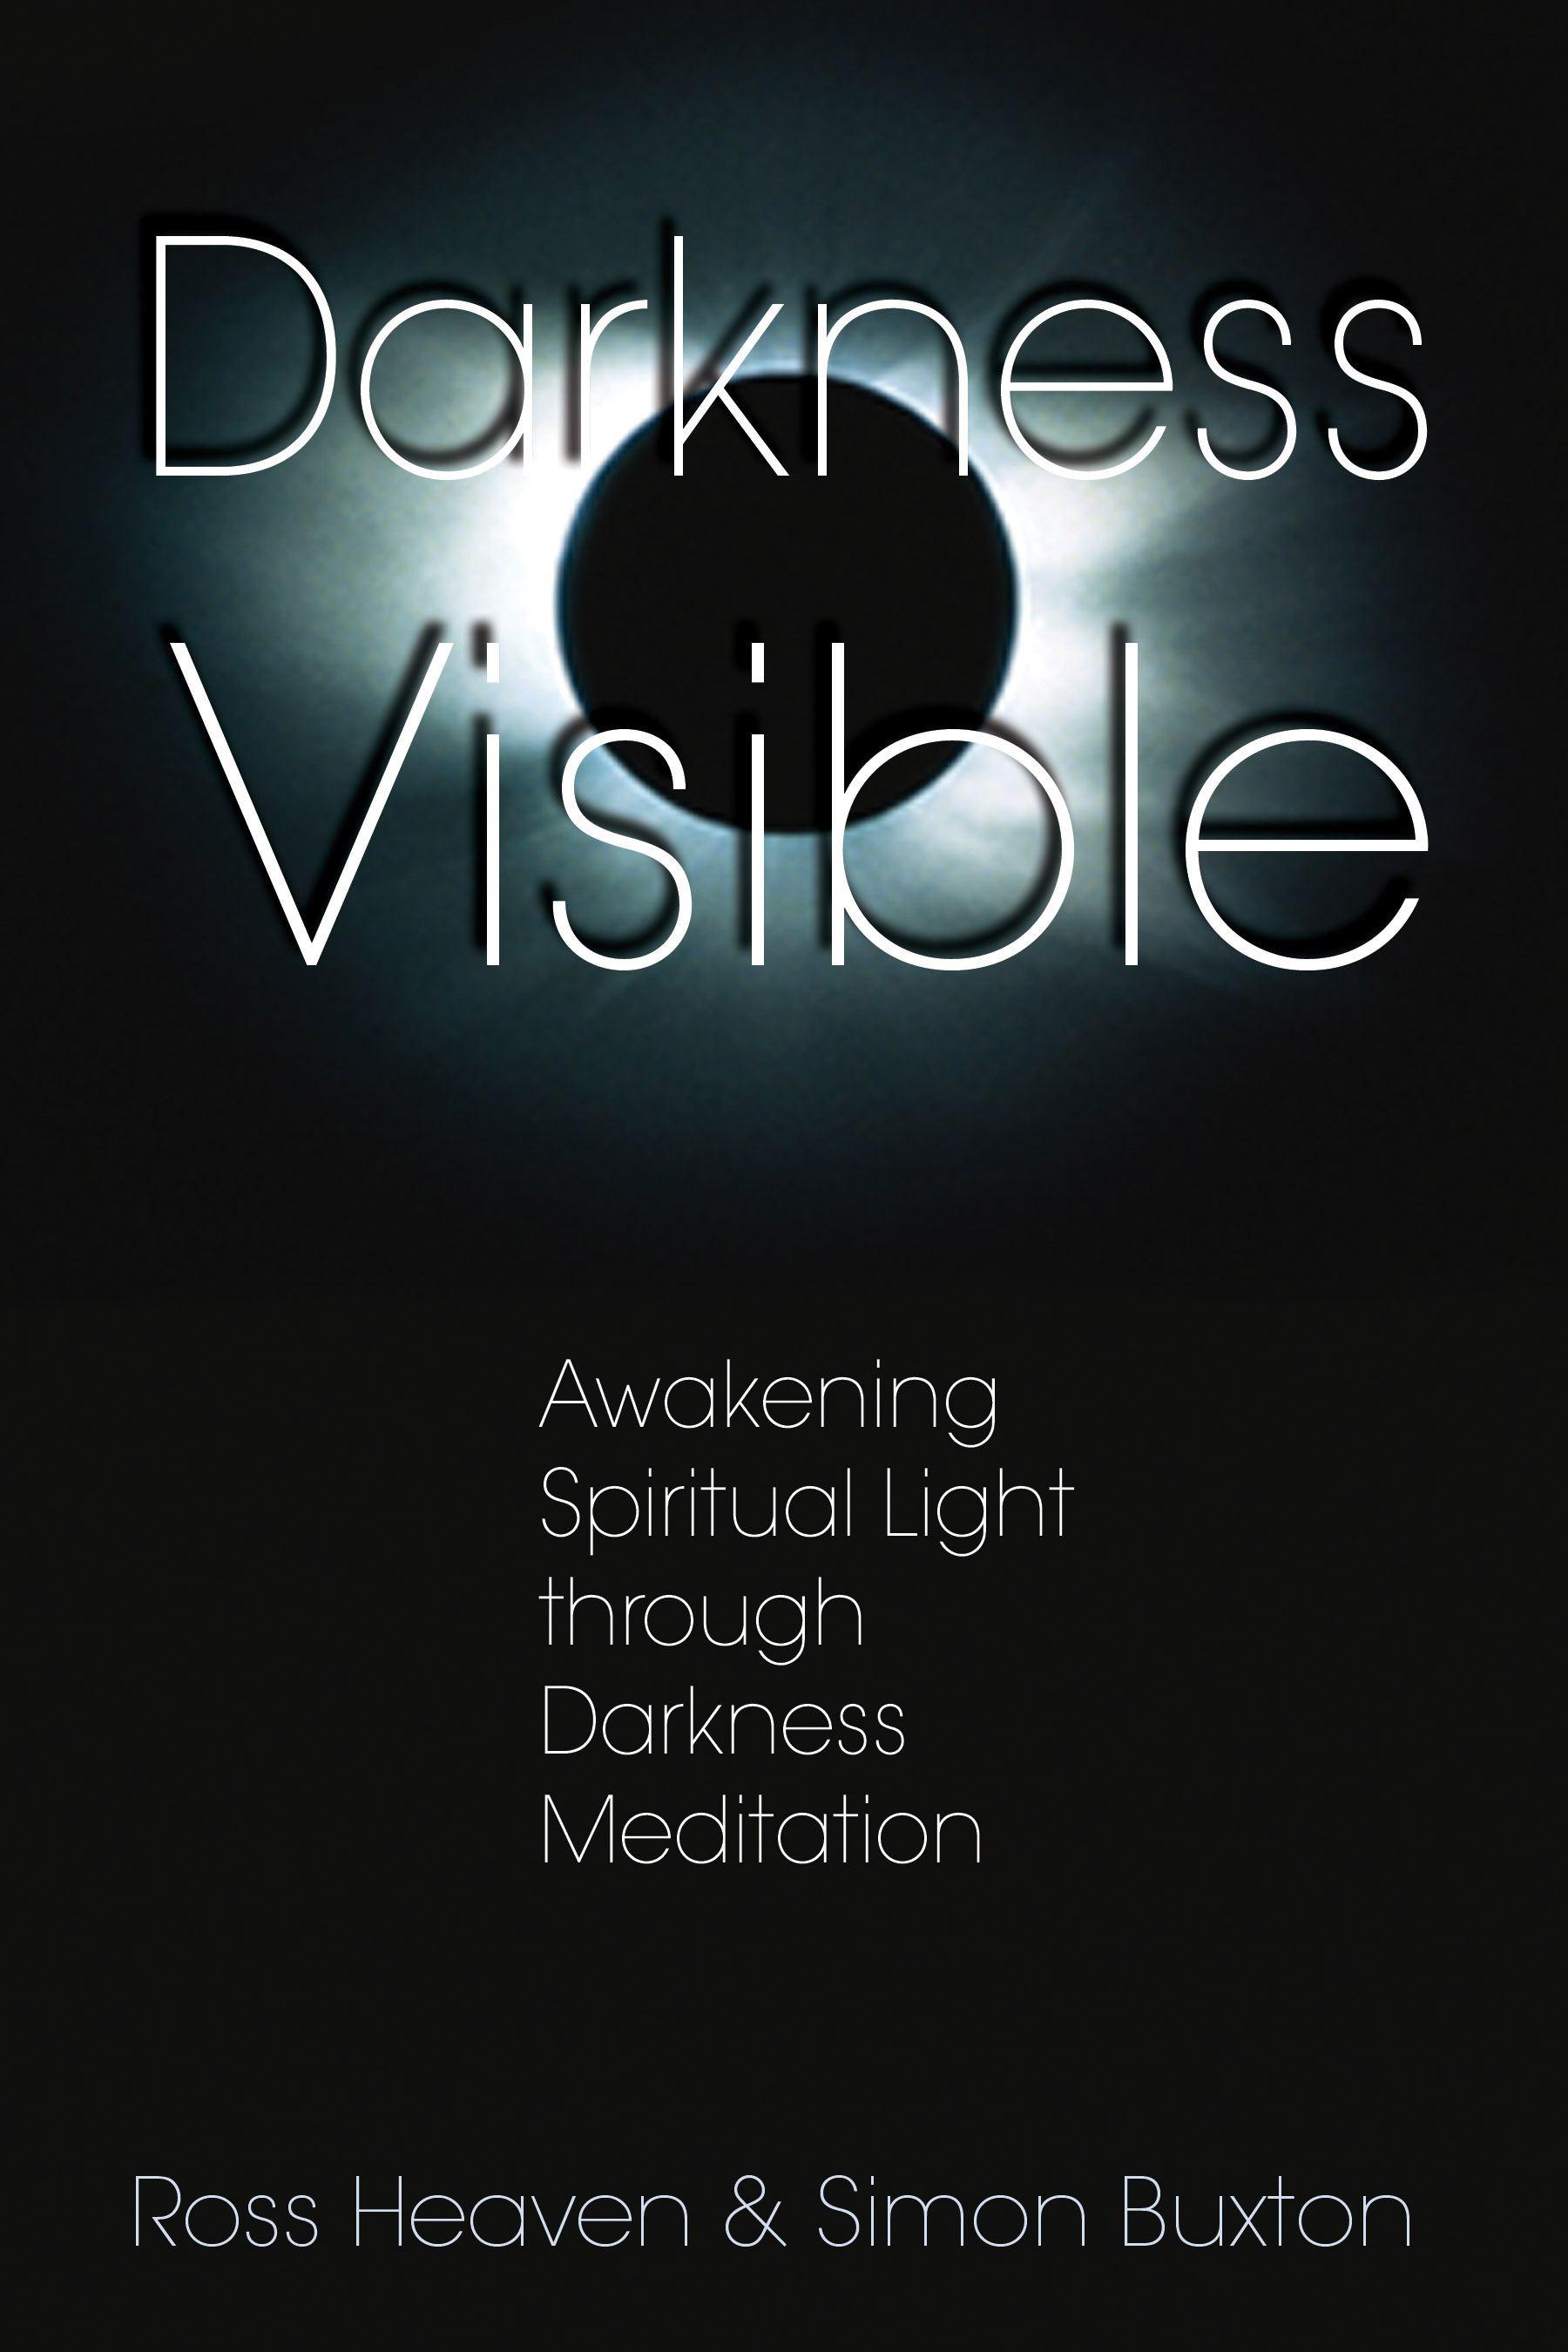 Darkness visible 9781594770616 hr